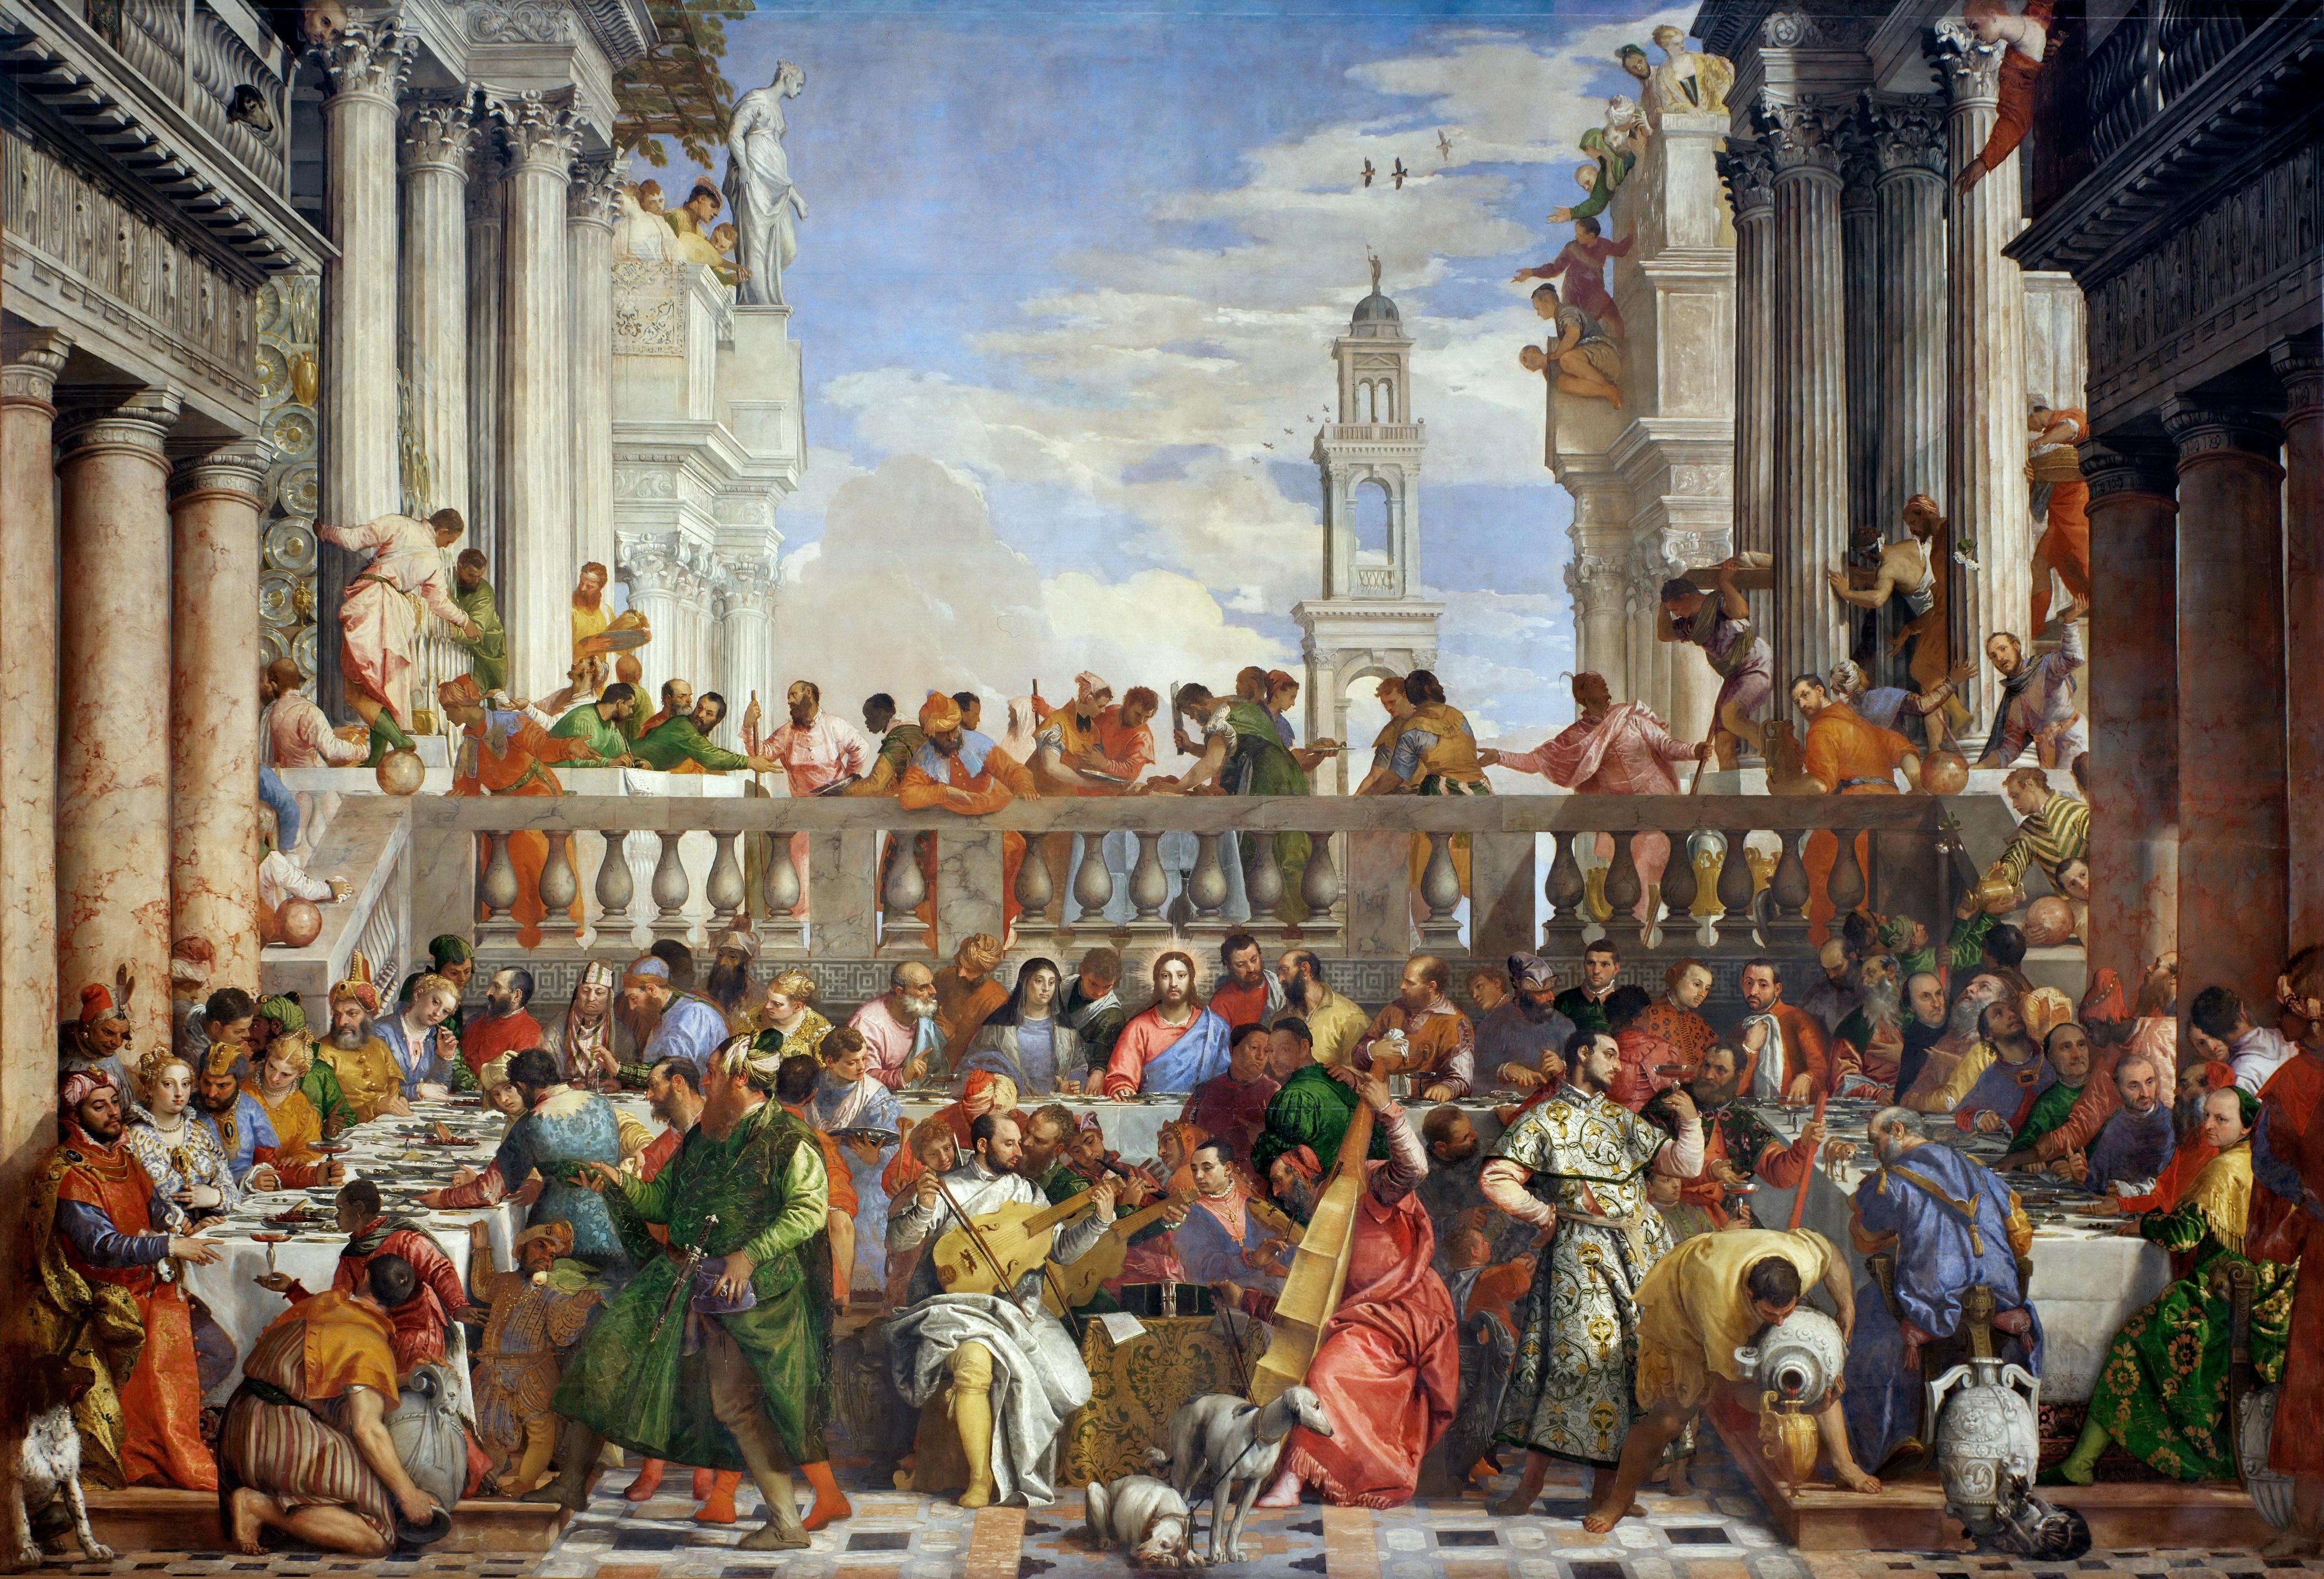 Paolo Véronèse (1528-1588), Les Noces de Cana, 1562-1563, huile sur toile, 666 x 990 cm, Paris, musée du Louvre © Musée du Louvre